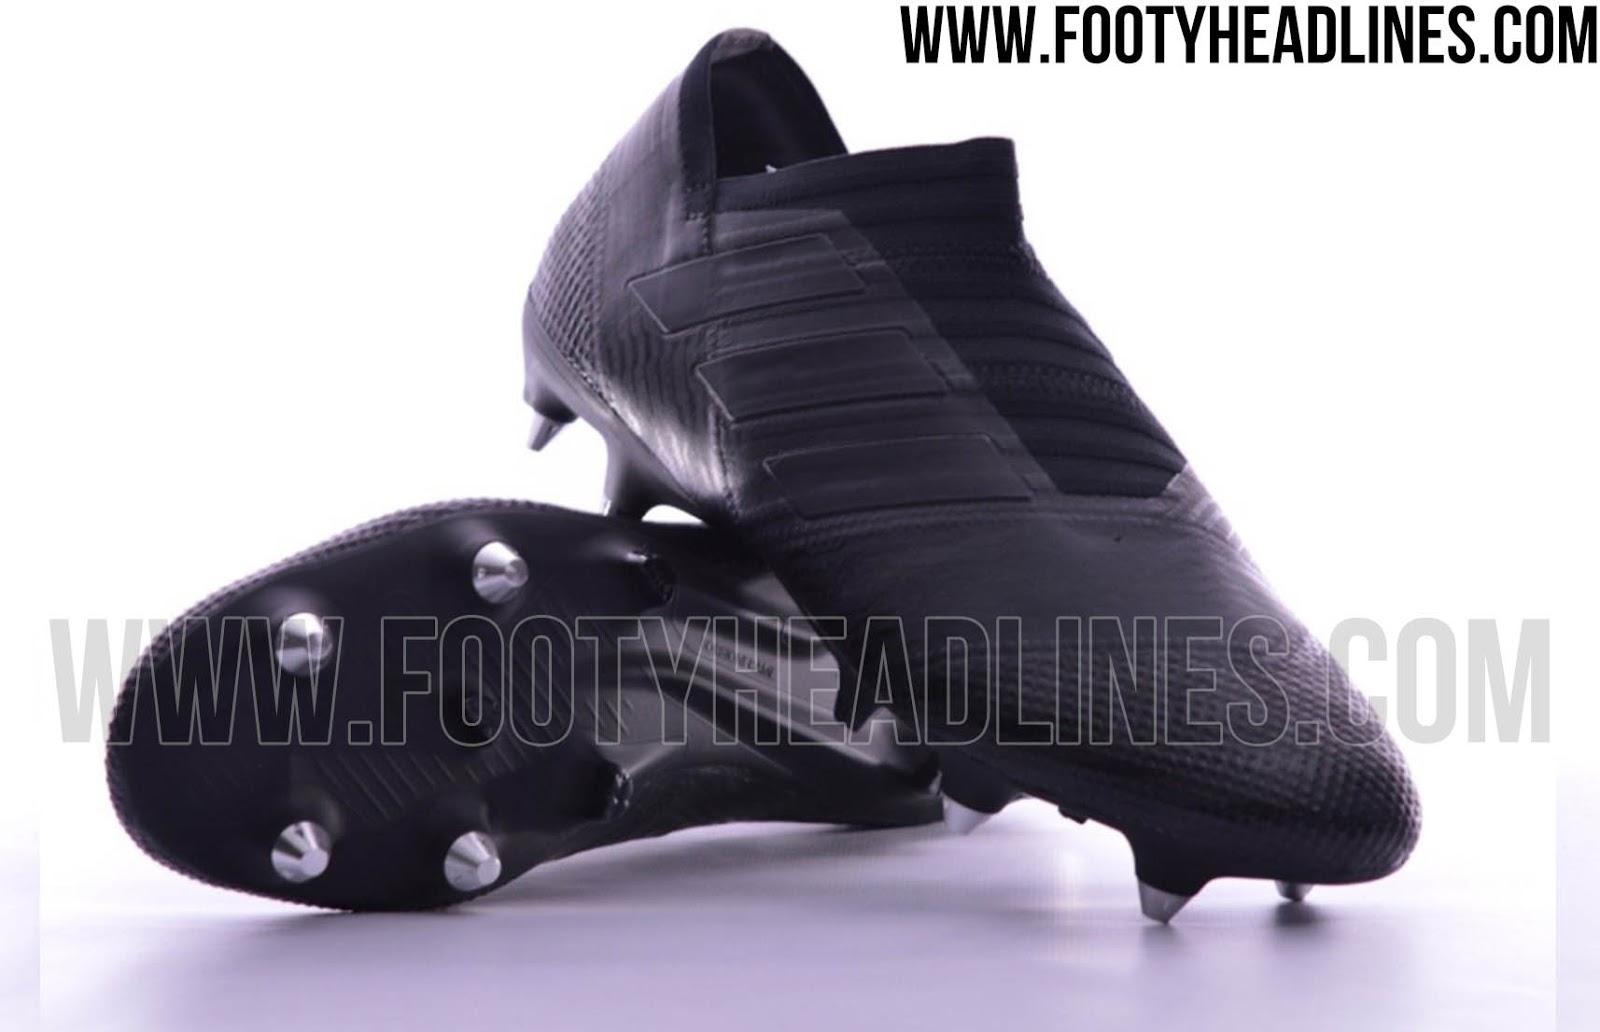 Blackout Adidas Nemeziz 17+ 360Agility Boots Leaked ...